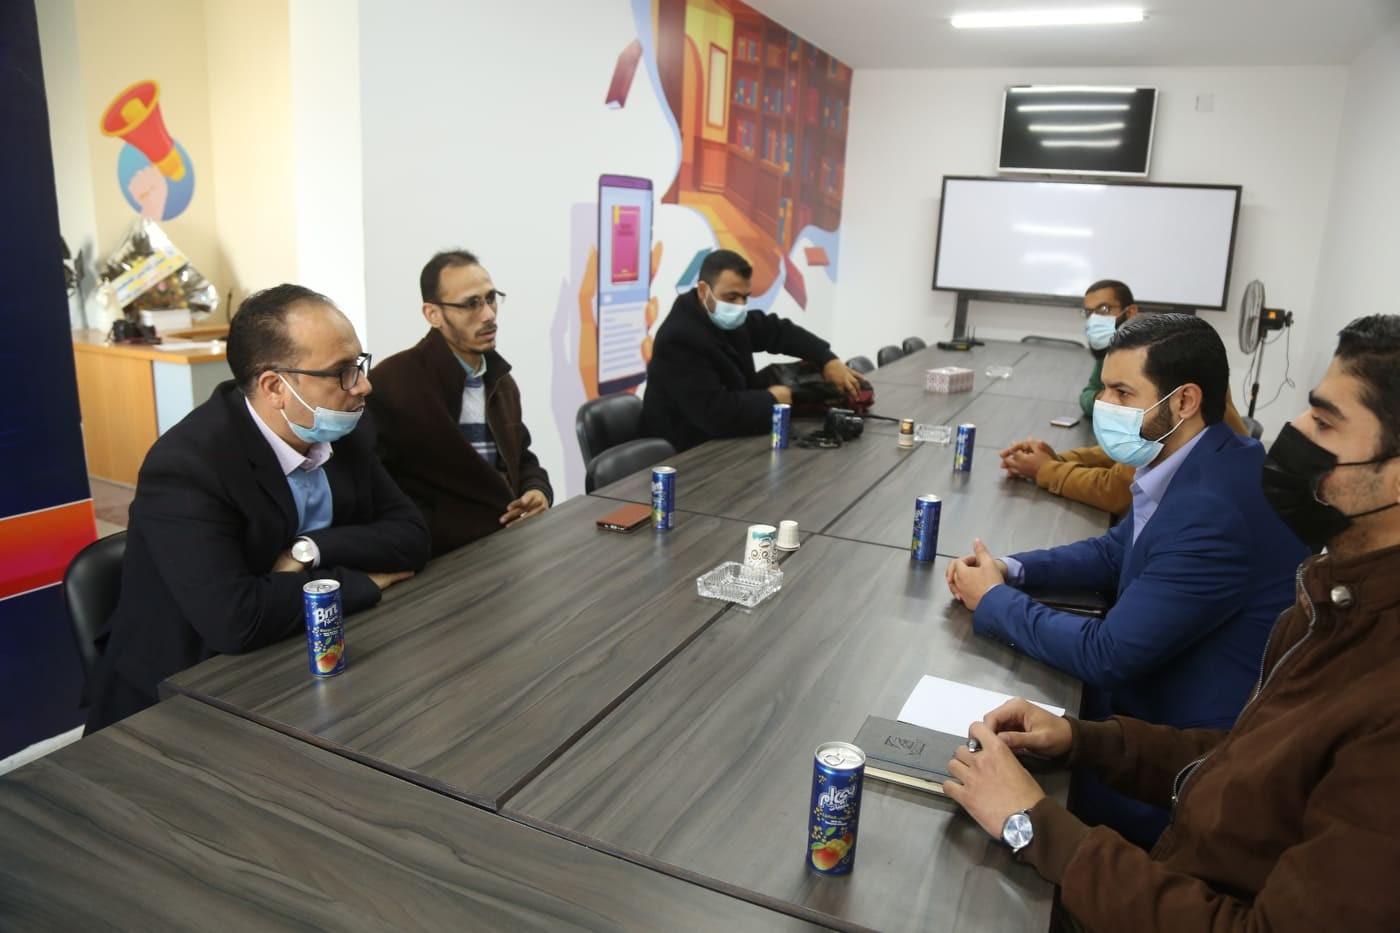 التجمع الاعلامي  خلال الزيارة لفلسطين اليوم.jpg